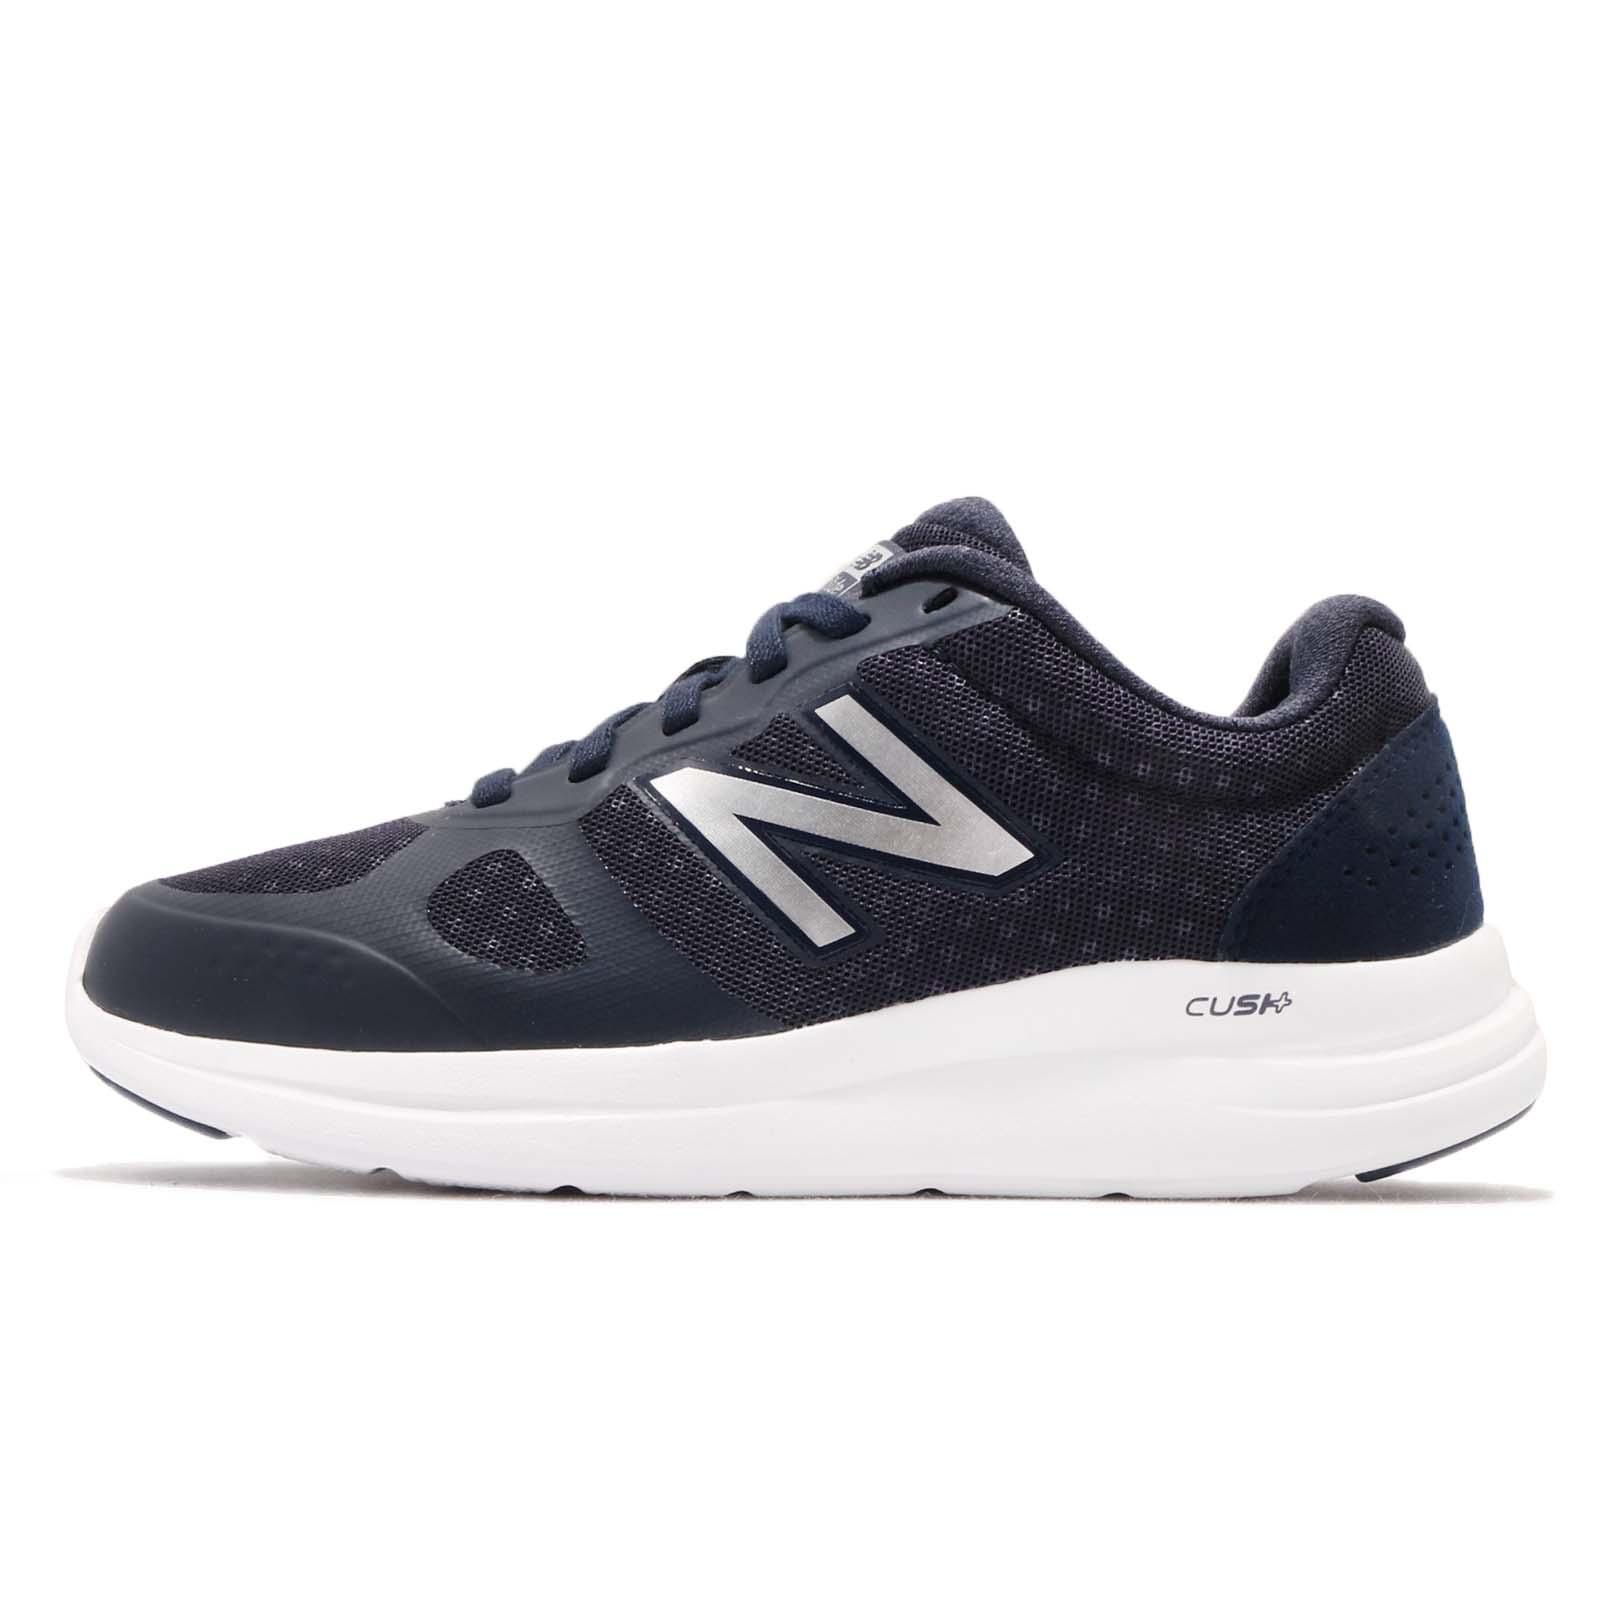 New Balance WVERSLJ1 D Wide Navy Silver Women Running Shoes Sneakers  WVERSLJ1D eb09693482d61